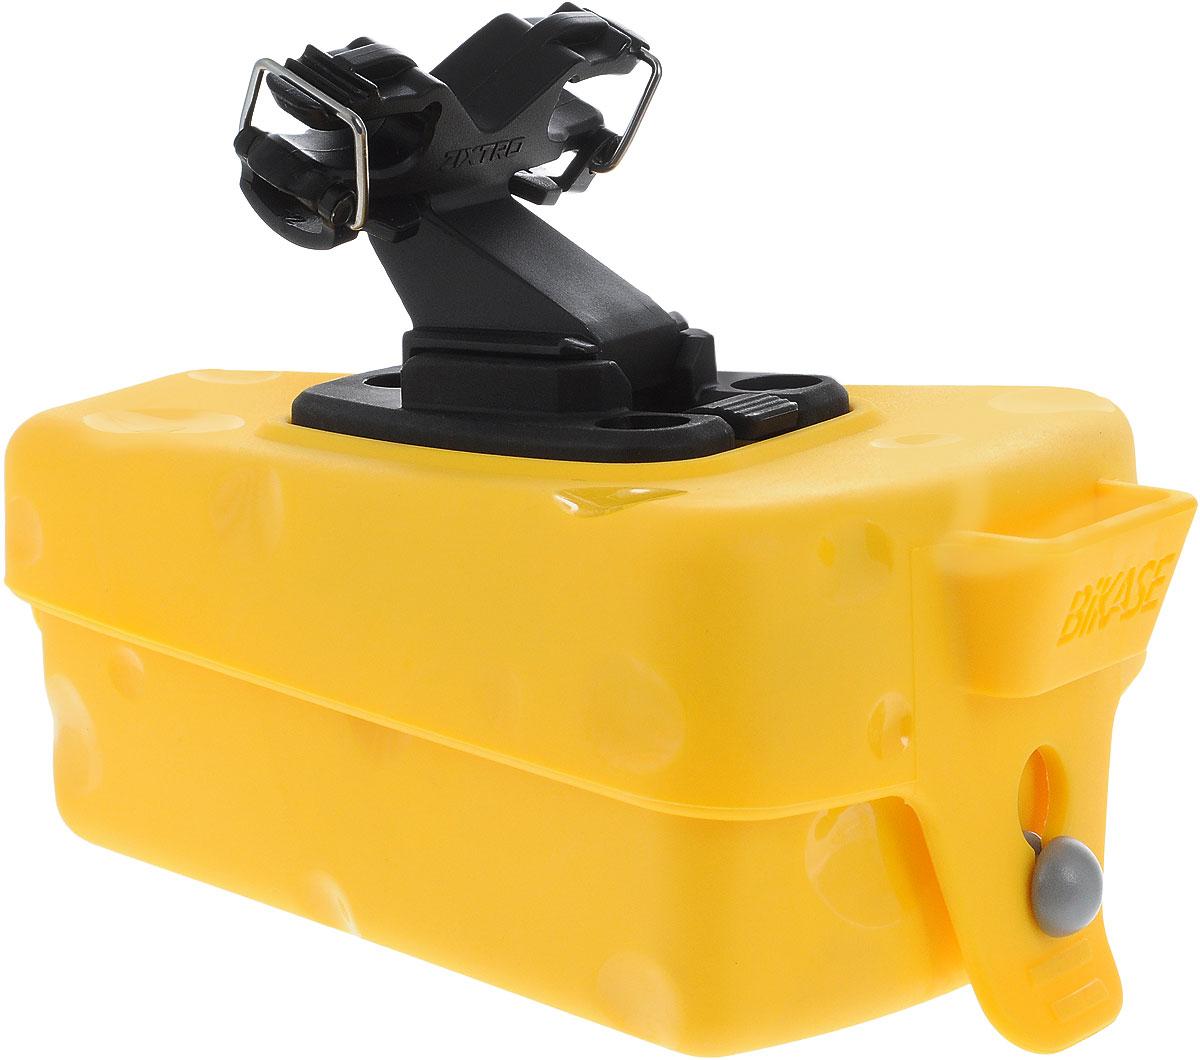 Сумка подседельная BiKase Cheese Wedge, 13 х 9 х 5,5 смAG001Подседельная сумка для велосипеда BiKase Cheese Wedge выполнена из высококачественного полиуретана и имеет форму куска сыра. Закрывается на фиксатор. Изделие легко и быстро устанавливается под седло. Сумка имеет 1 отделение, внутри которого расположен текстильный кармашек.Гид по велоаксессуарам. Статья OZON Гид